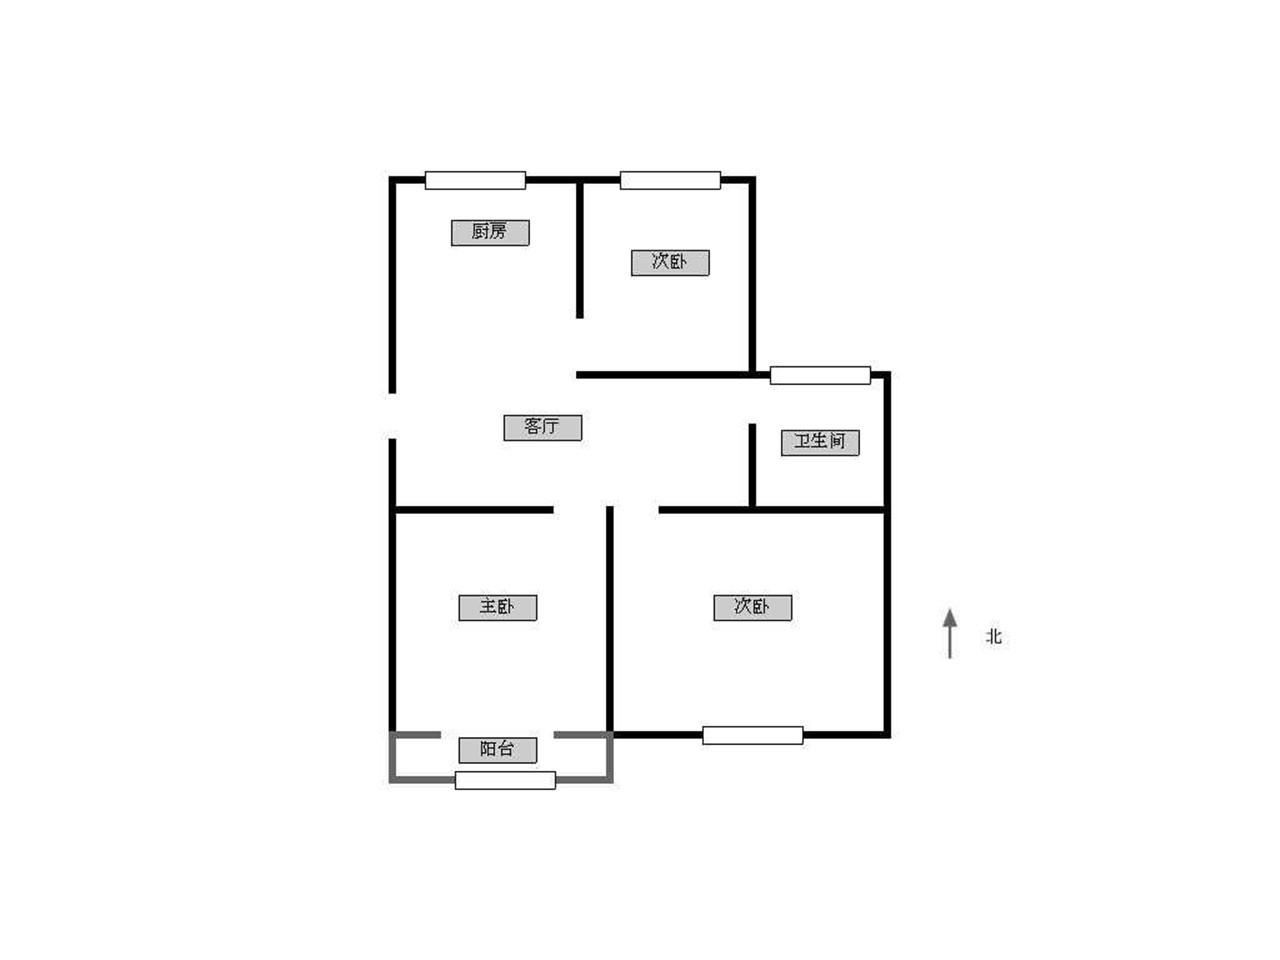 秦淮区洪家园映山菁华1室1厅户型图